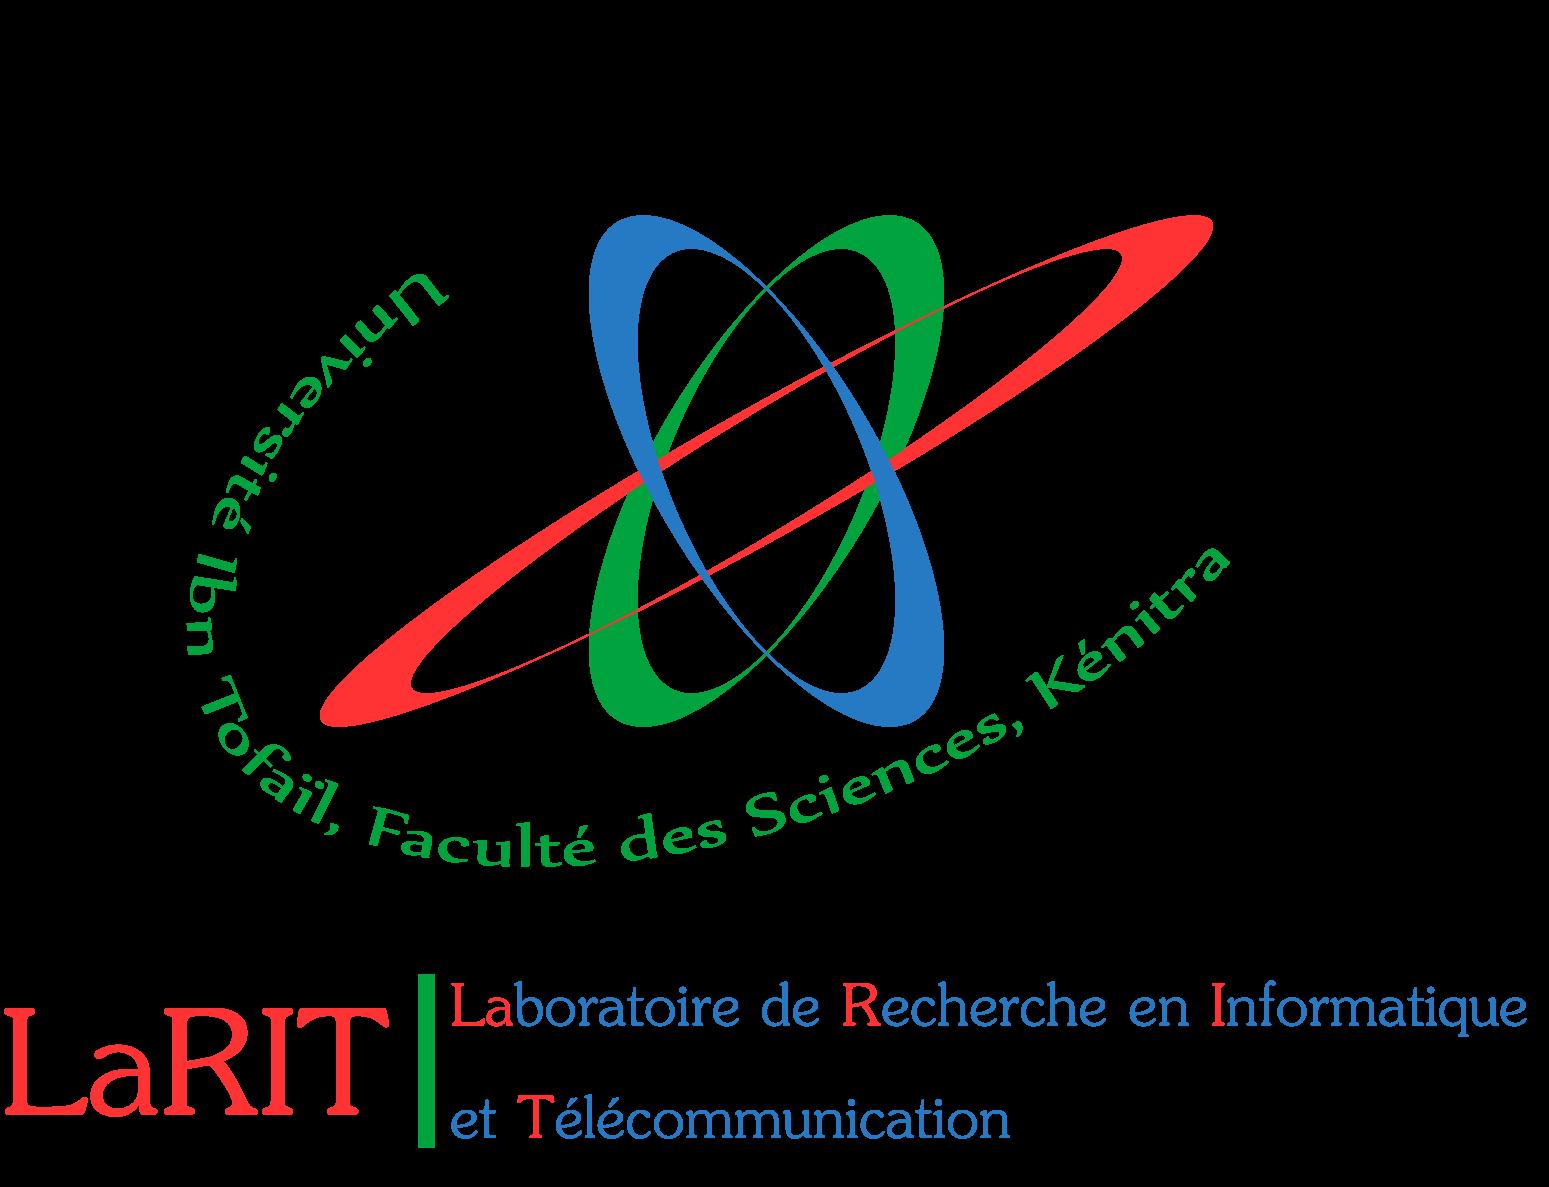 Laboratoire de Recherche en Informatique et Télécommunications (LaRIT)